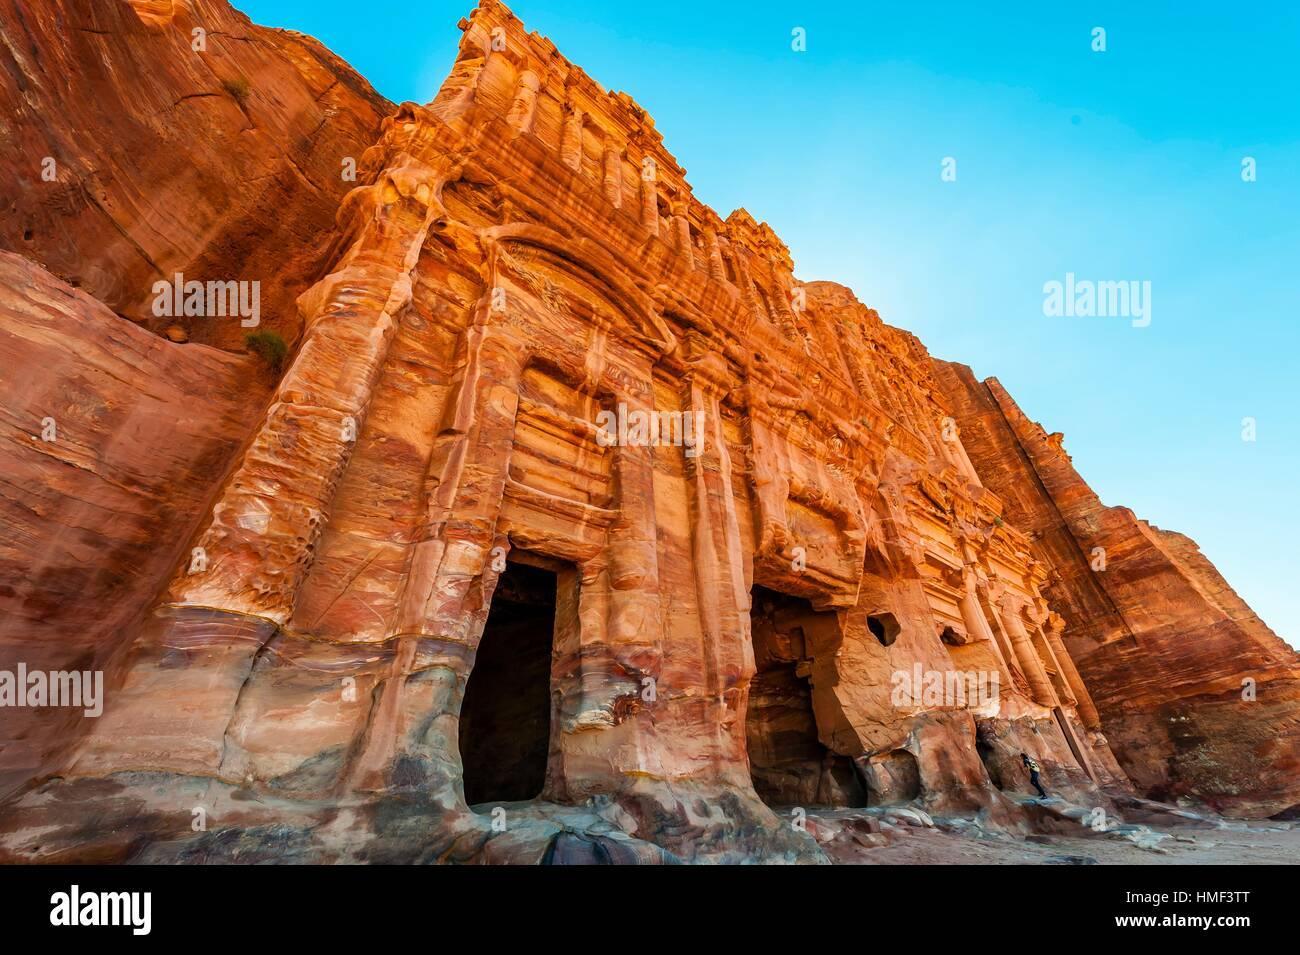 Palace Tomb (the Royal Tombs), Petra Archaeological Park (a UNESCO World Heritage Site), Petra, Jordan. Stock Photo